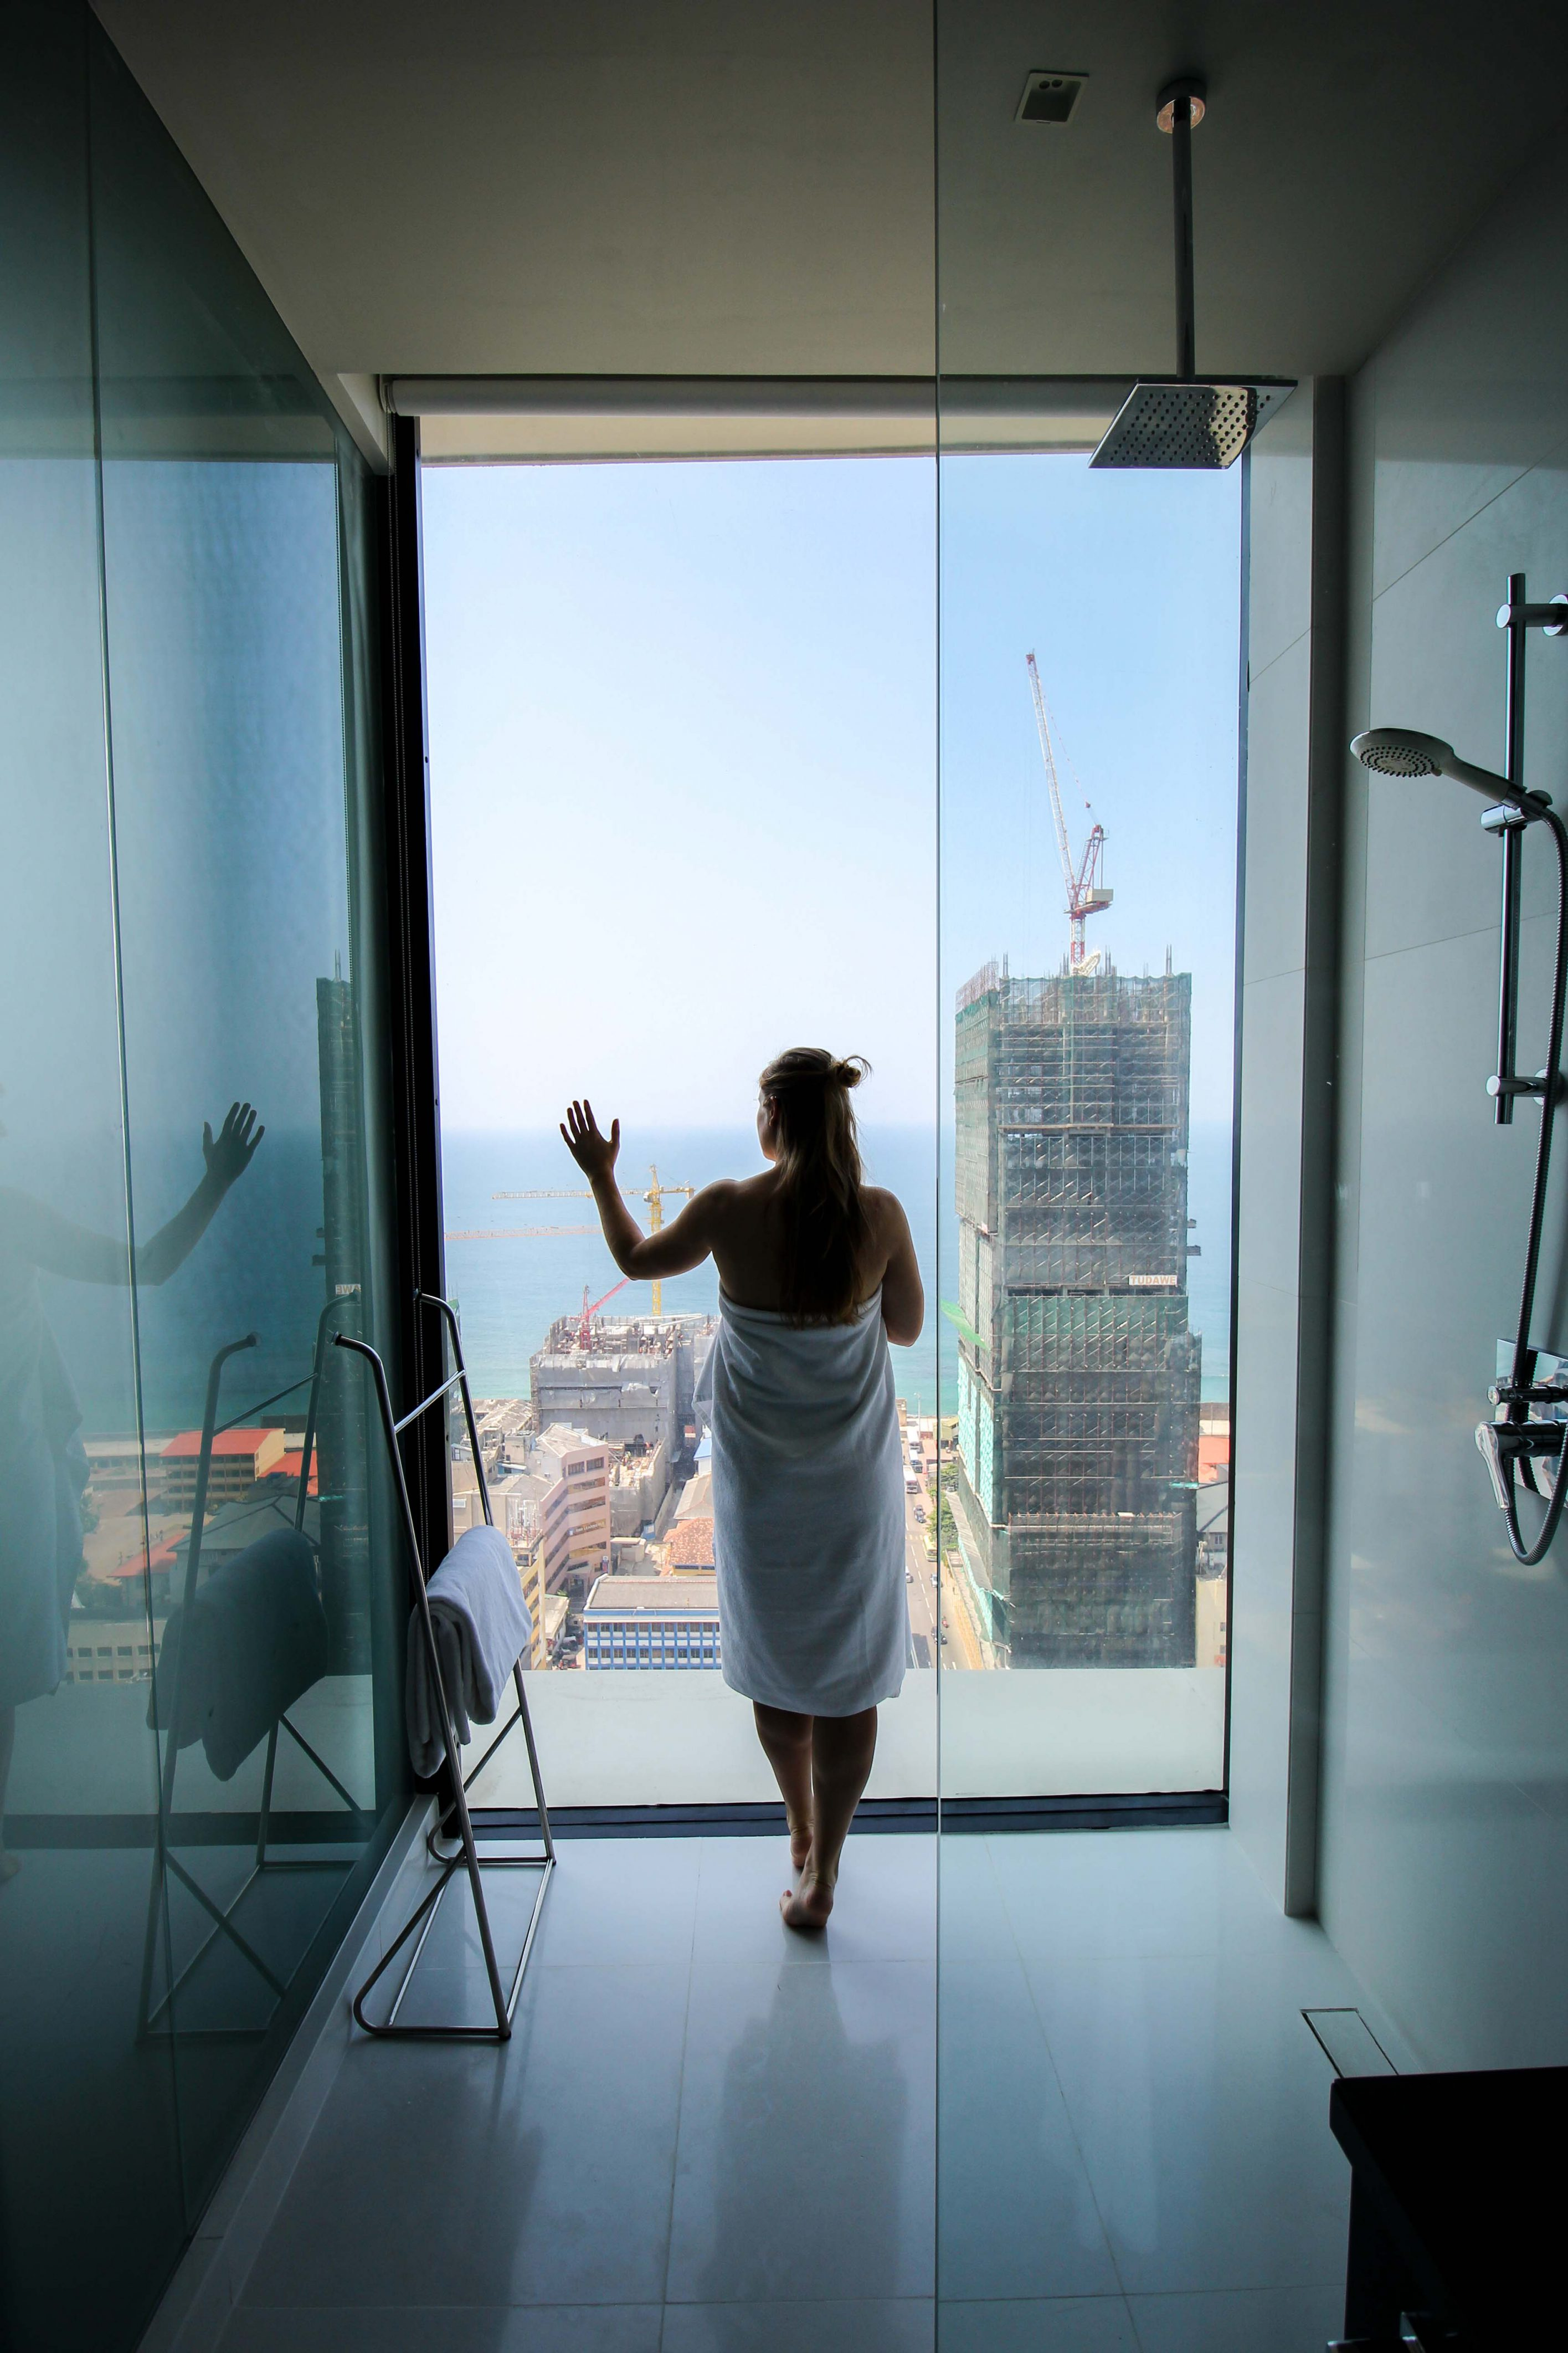 Mövenpick Colombo Hotel Reiseblog Reisebericht Superior Zimmer King-Size Bett Meerblick Badezimmer Skyline Rundreise Sri Lanka 2